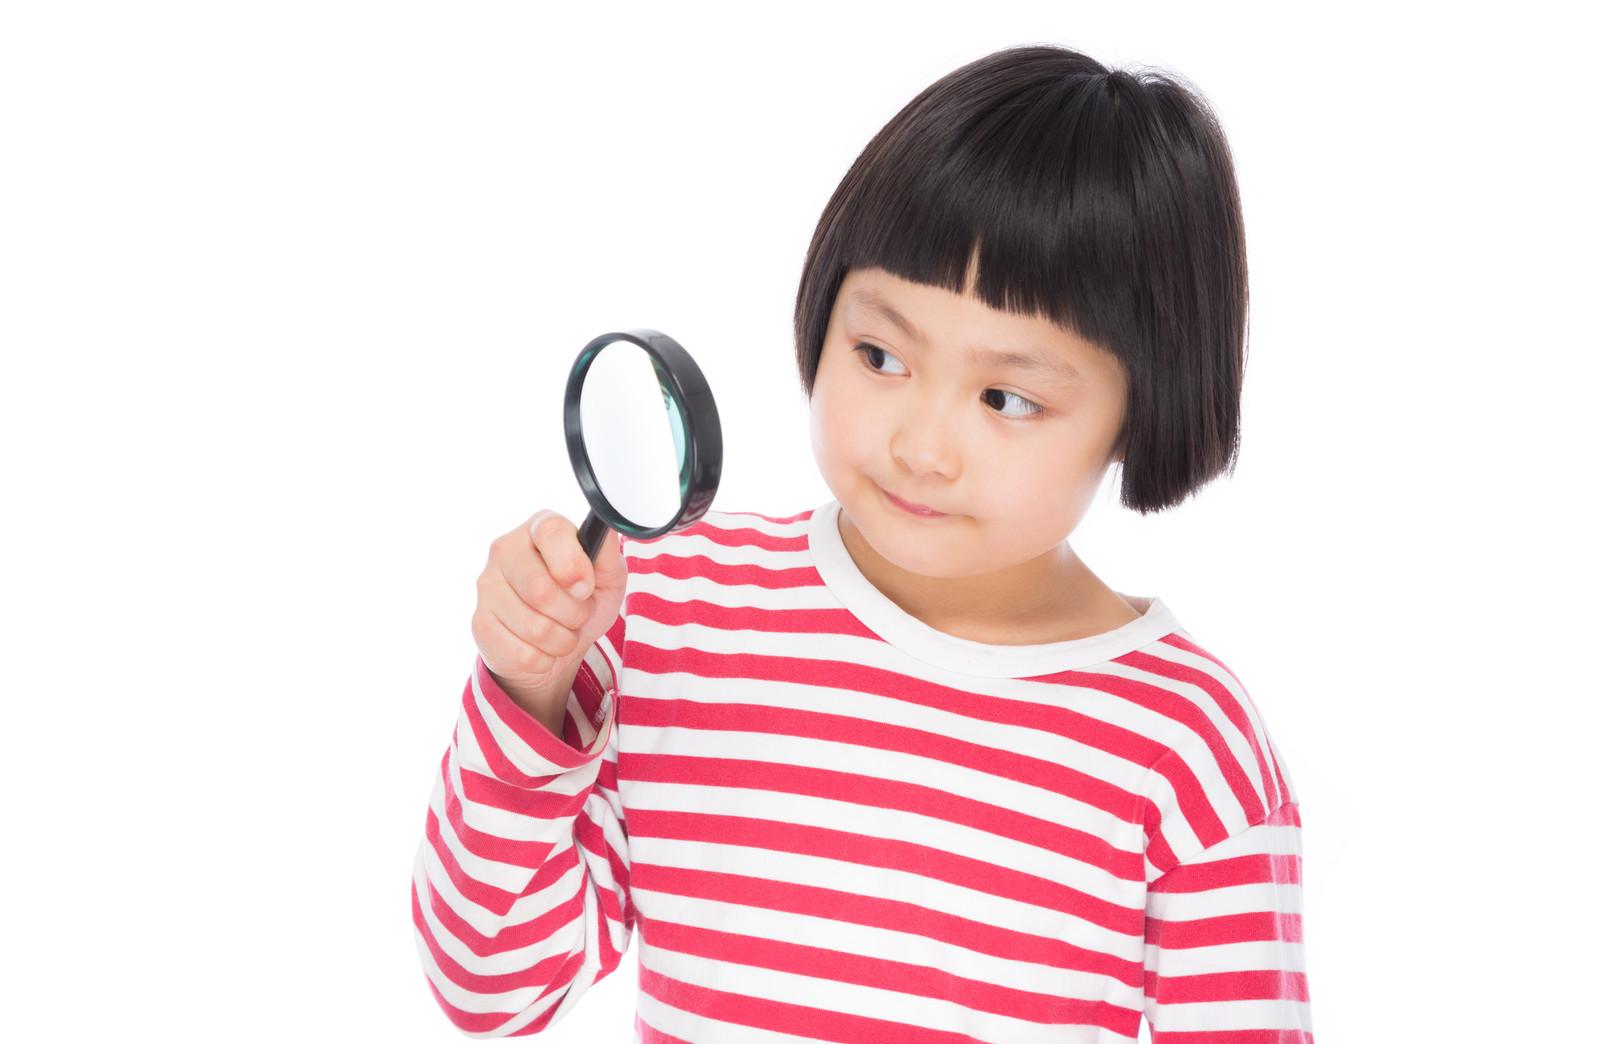 手相を確認する子供